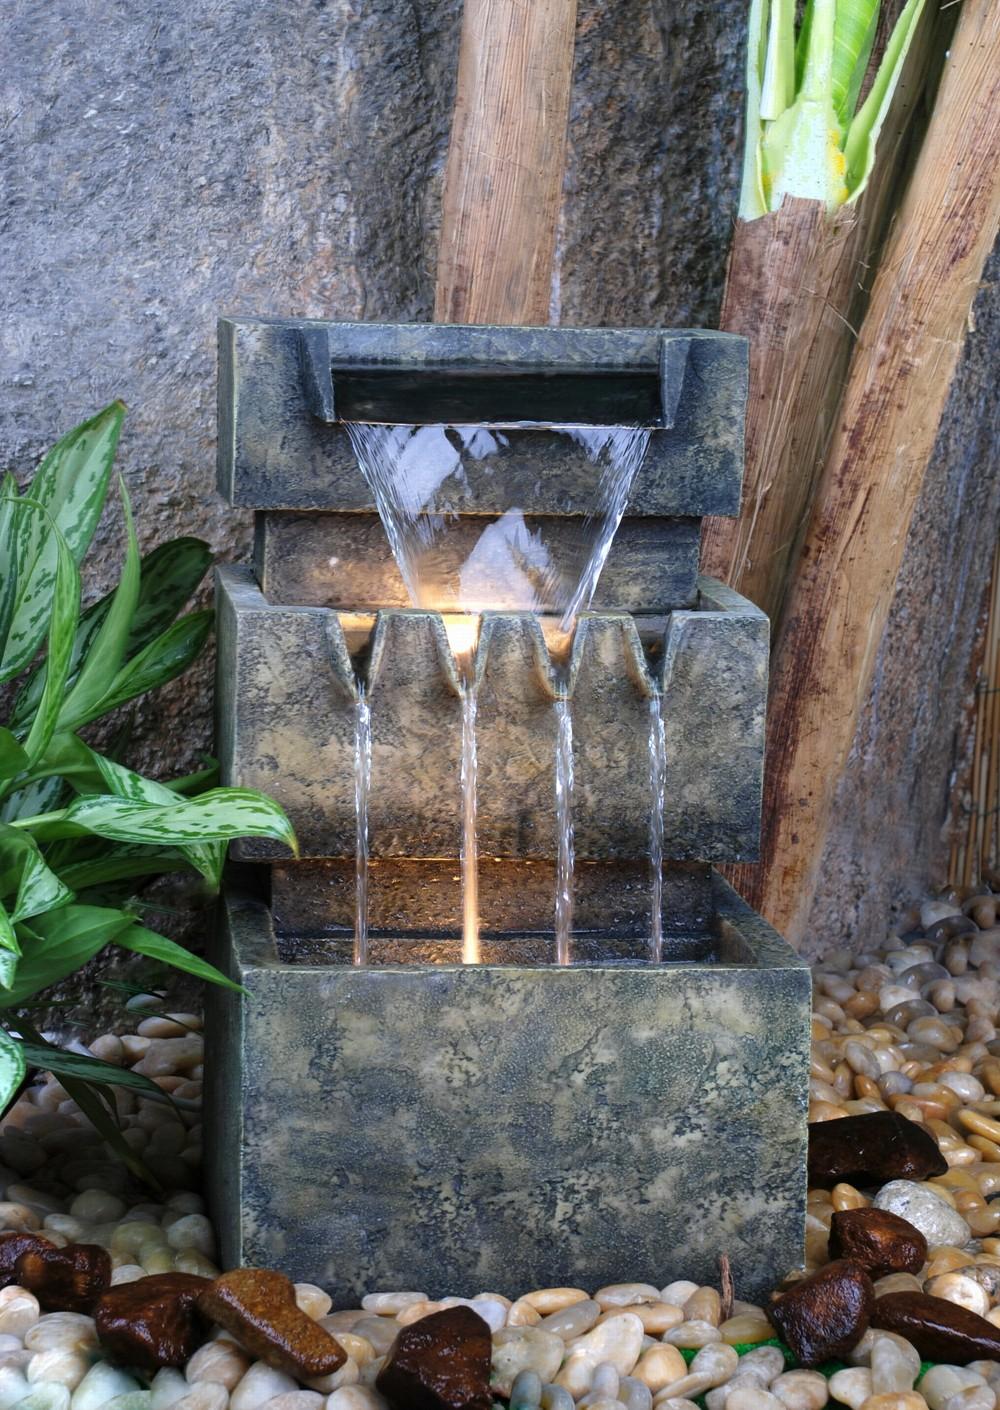 3 st ckiger kaskadenbrunnen mit beleuchtung 50 5cm 169 99. Black Bedroom Furniture Sets. Home Design Ideas